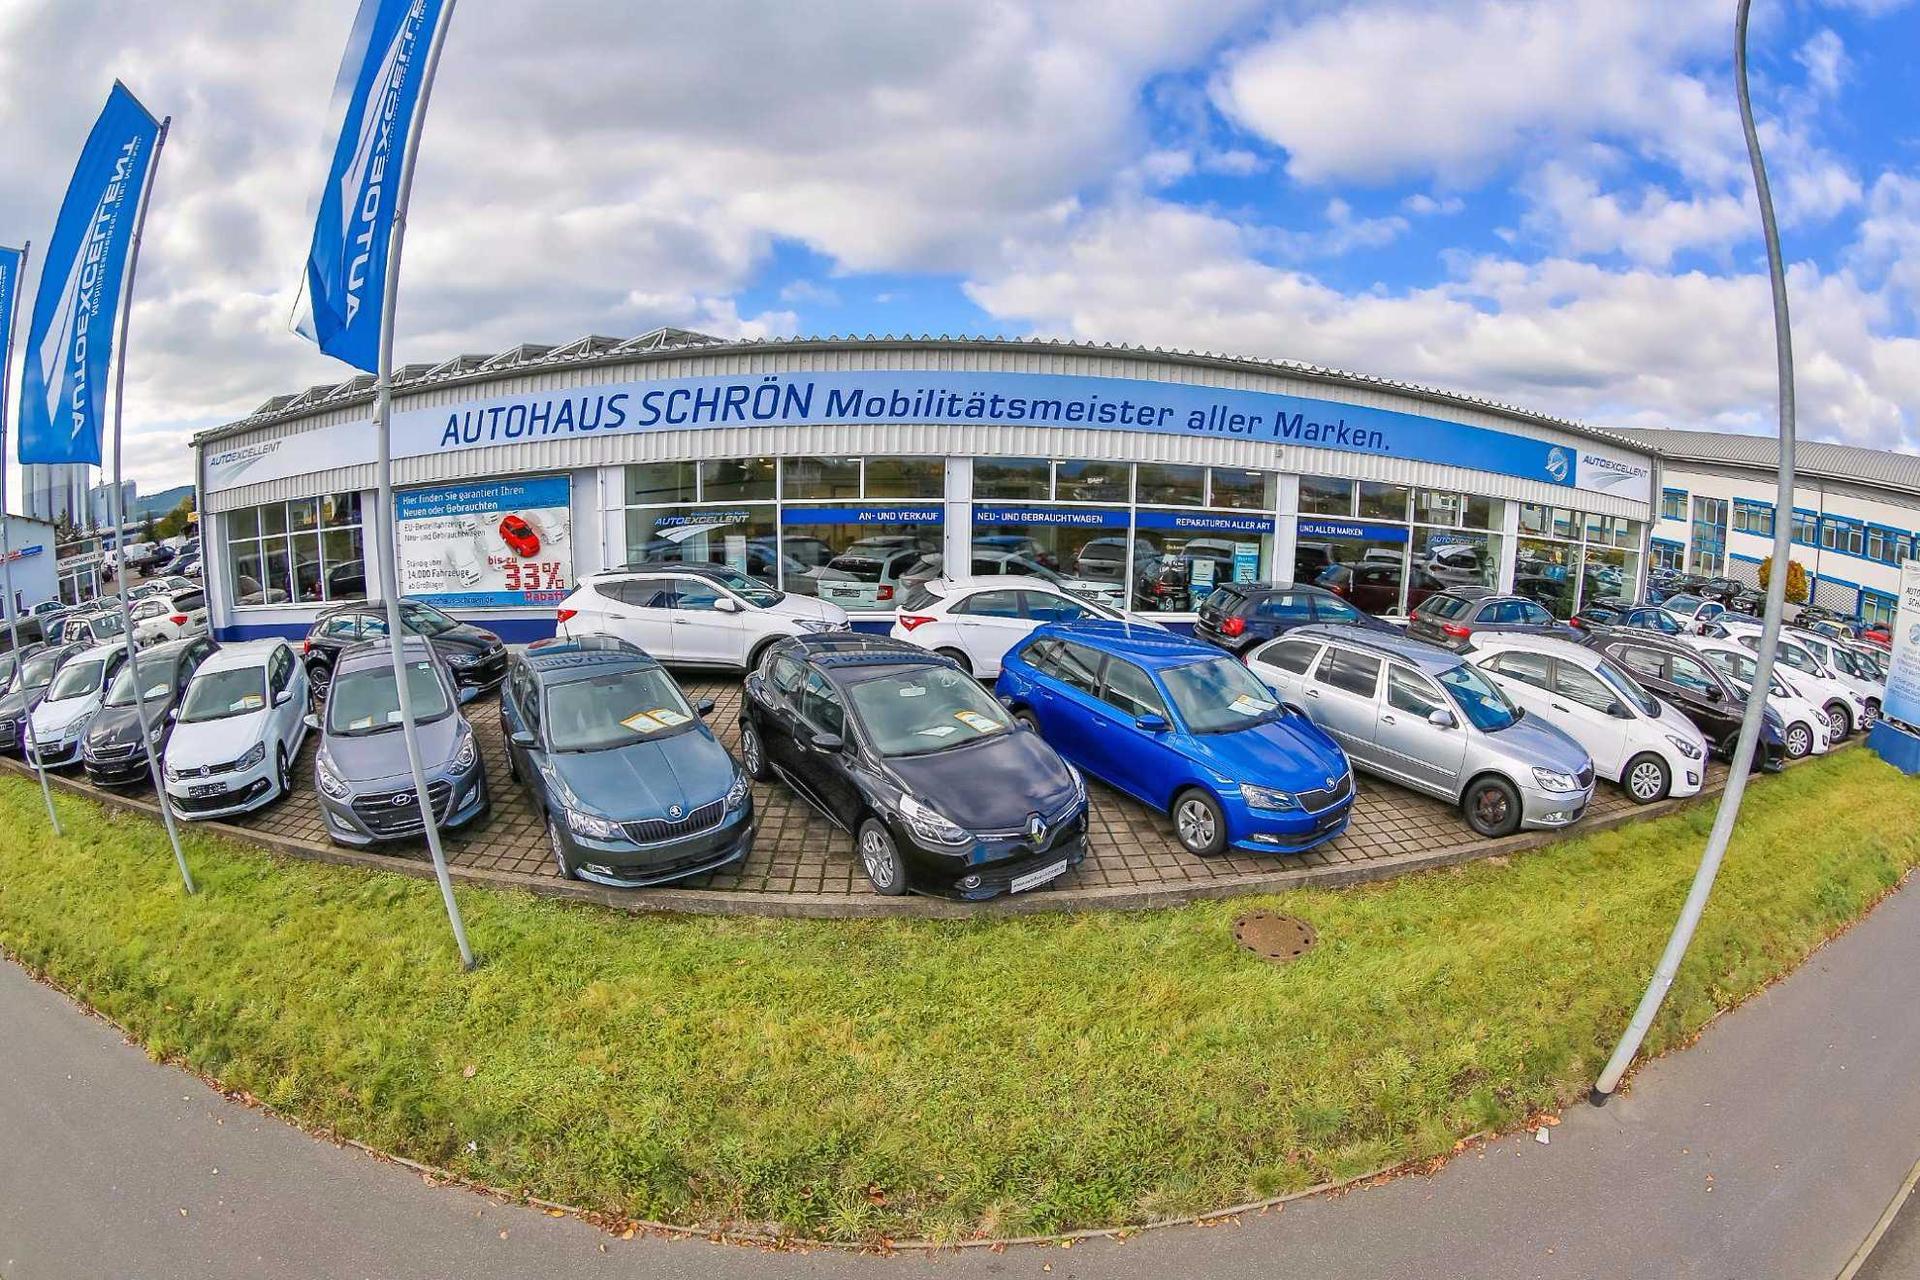 Autohaus Schrön GmbH - Mobilitätsmeister aller Marken EU Neuwagen mit Mobilitätsgarantie